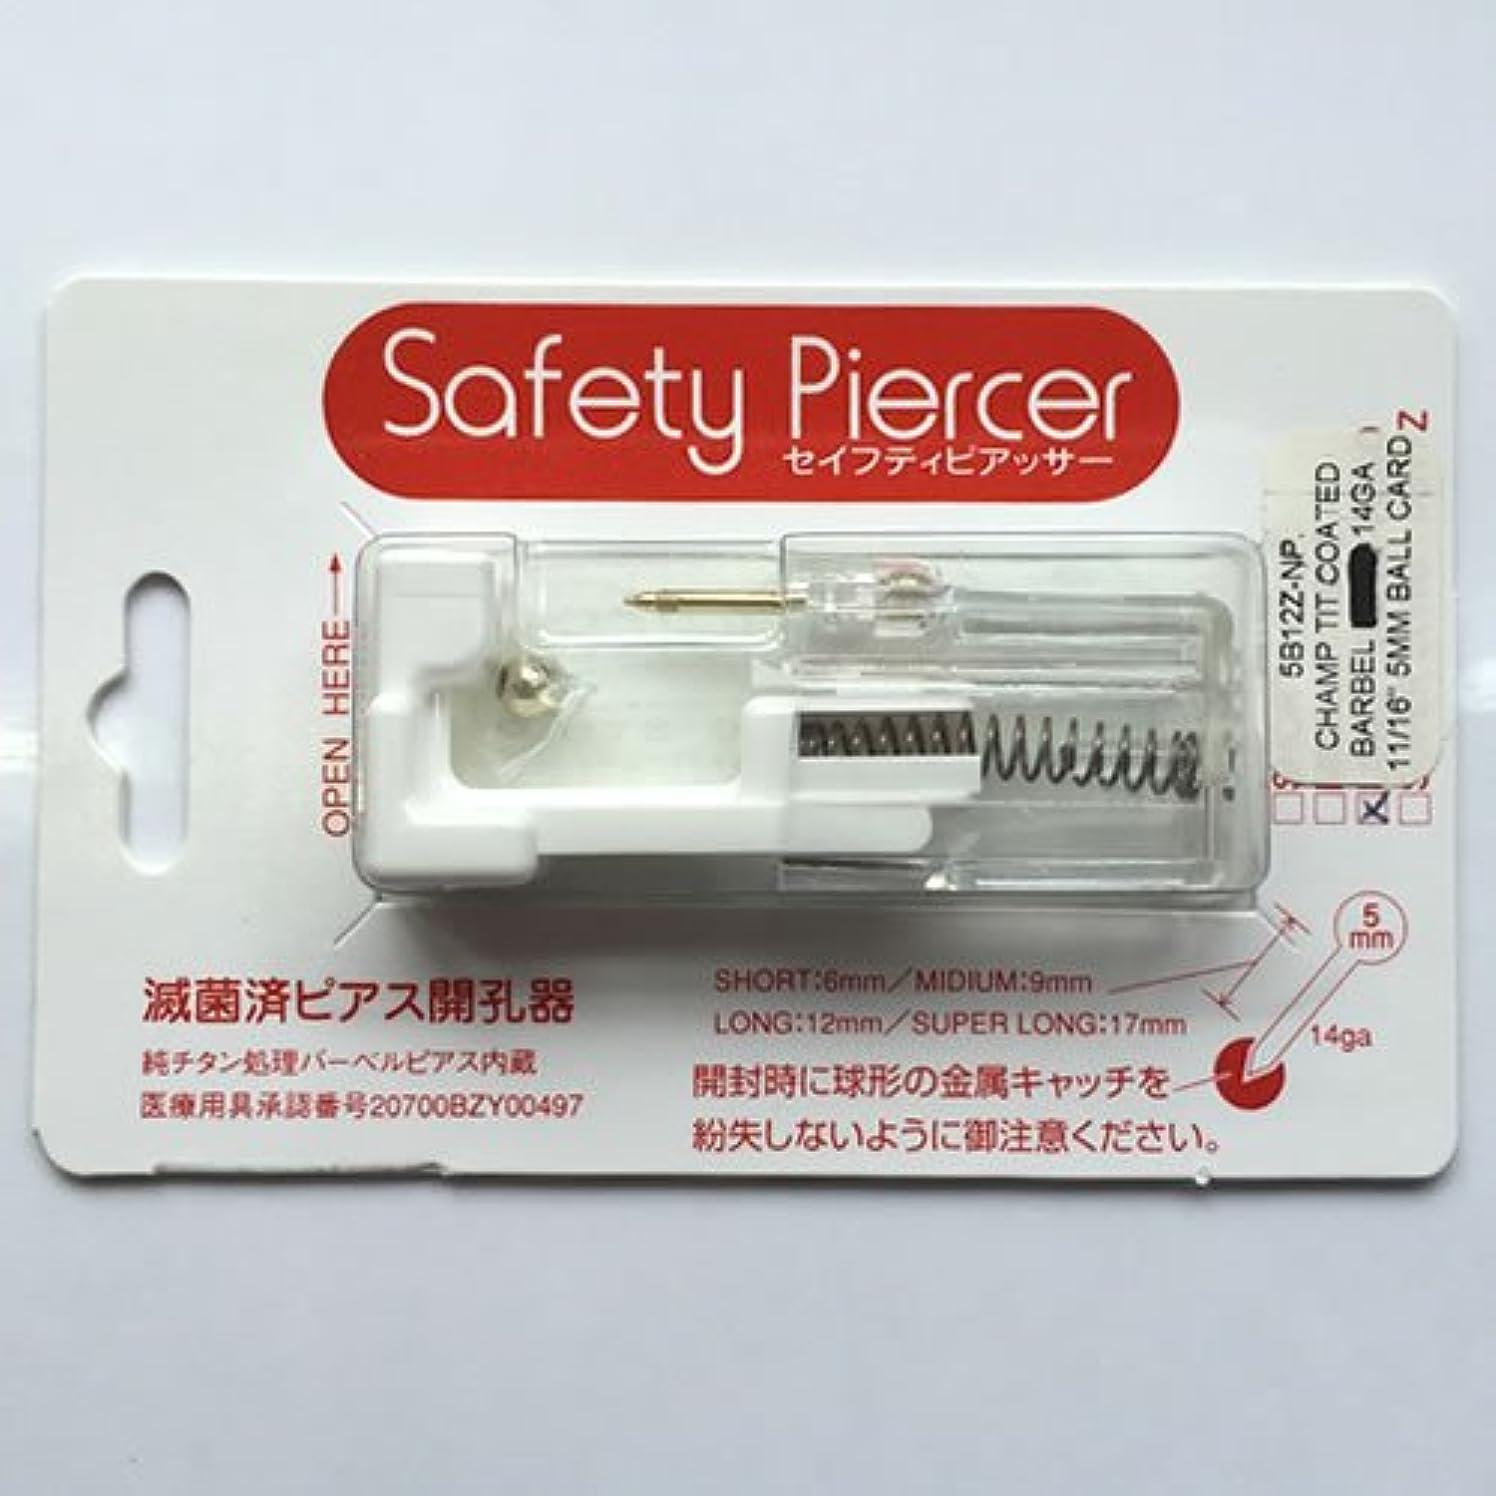 はっきりしない勧告バケットセイフティピアッサー 14G シャンパンカラー(純チタン処理) 5mm バーベル 5B12Z-NP